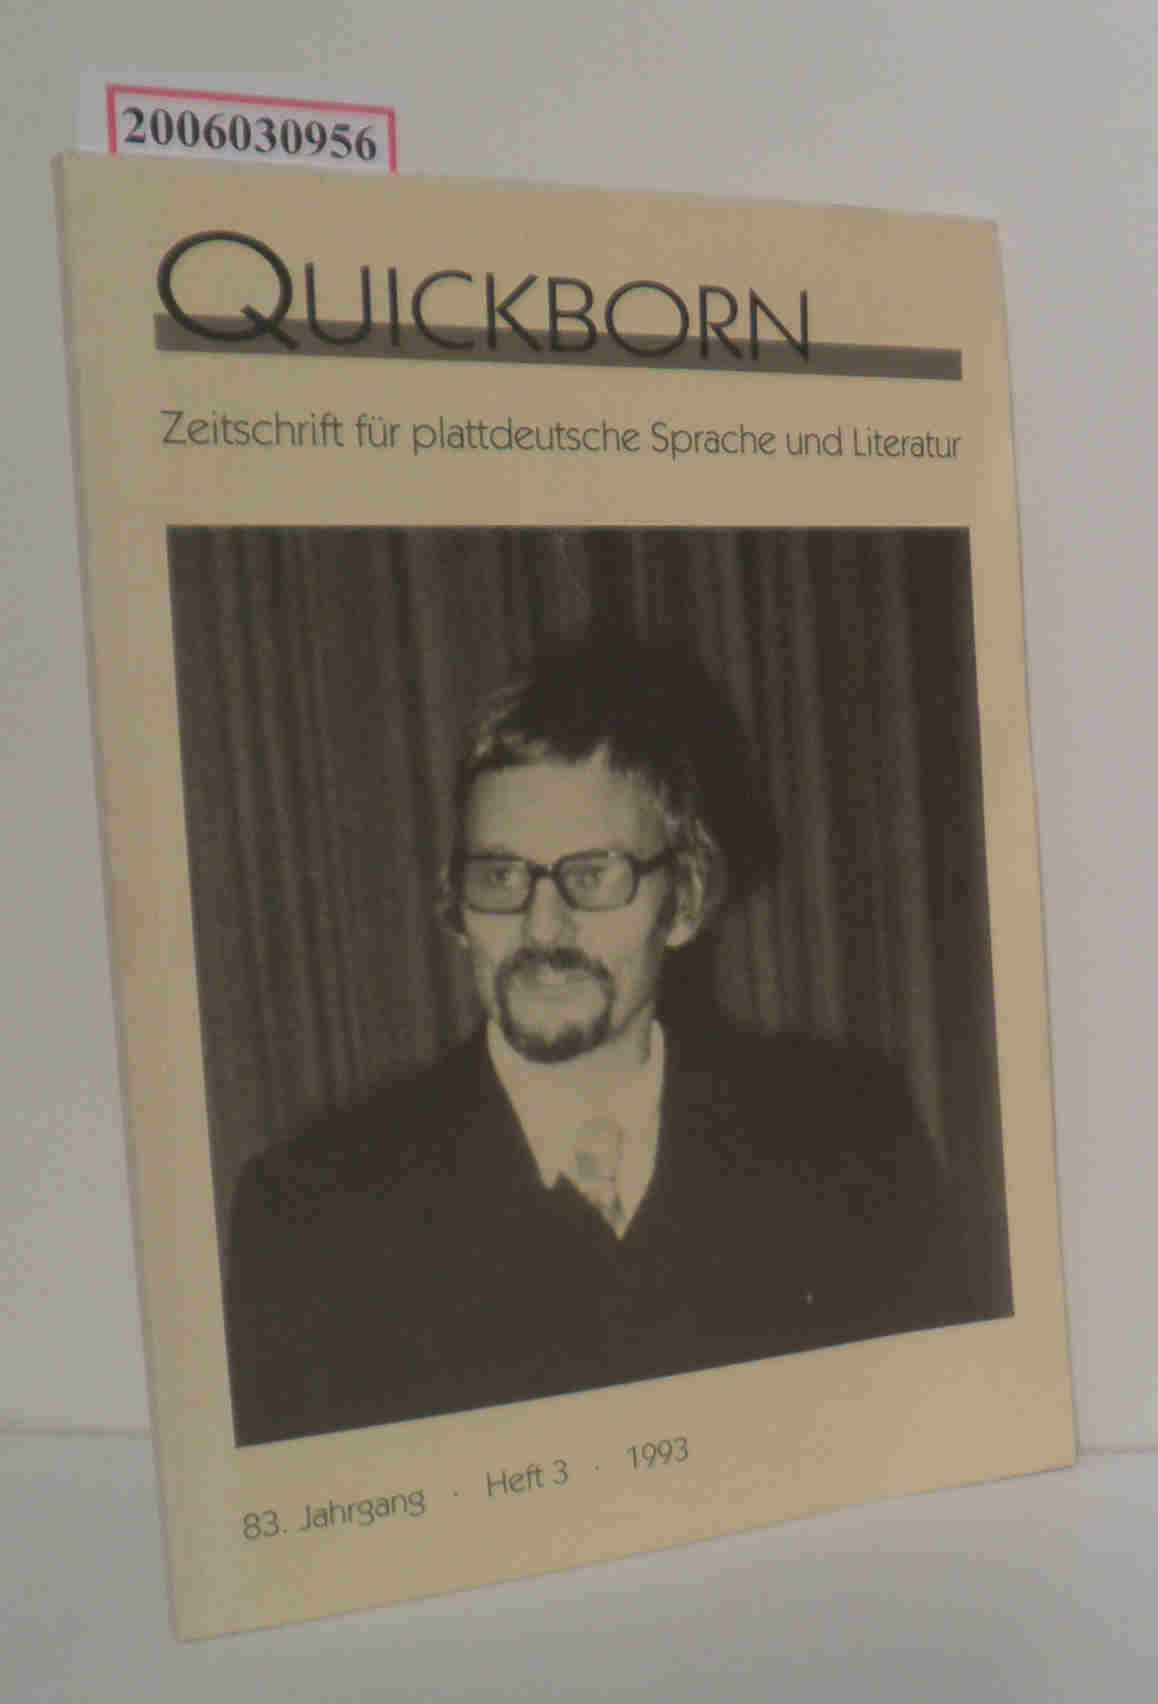 Quickborn - Zeitschrift für plattdeutsche Sprache und Literatur 83. Jahrgang * Heft 3 * 1993